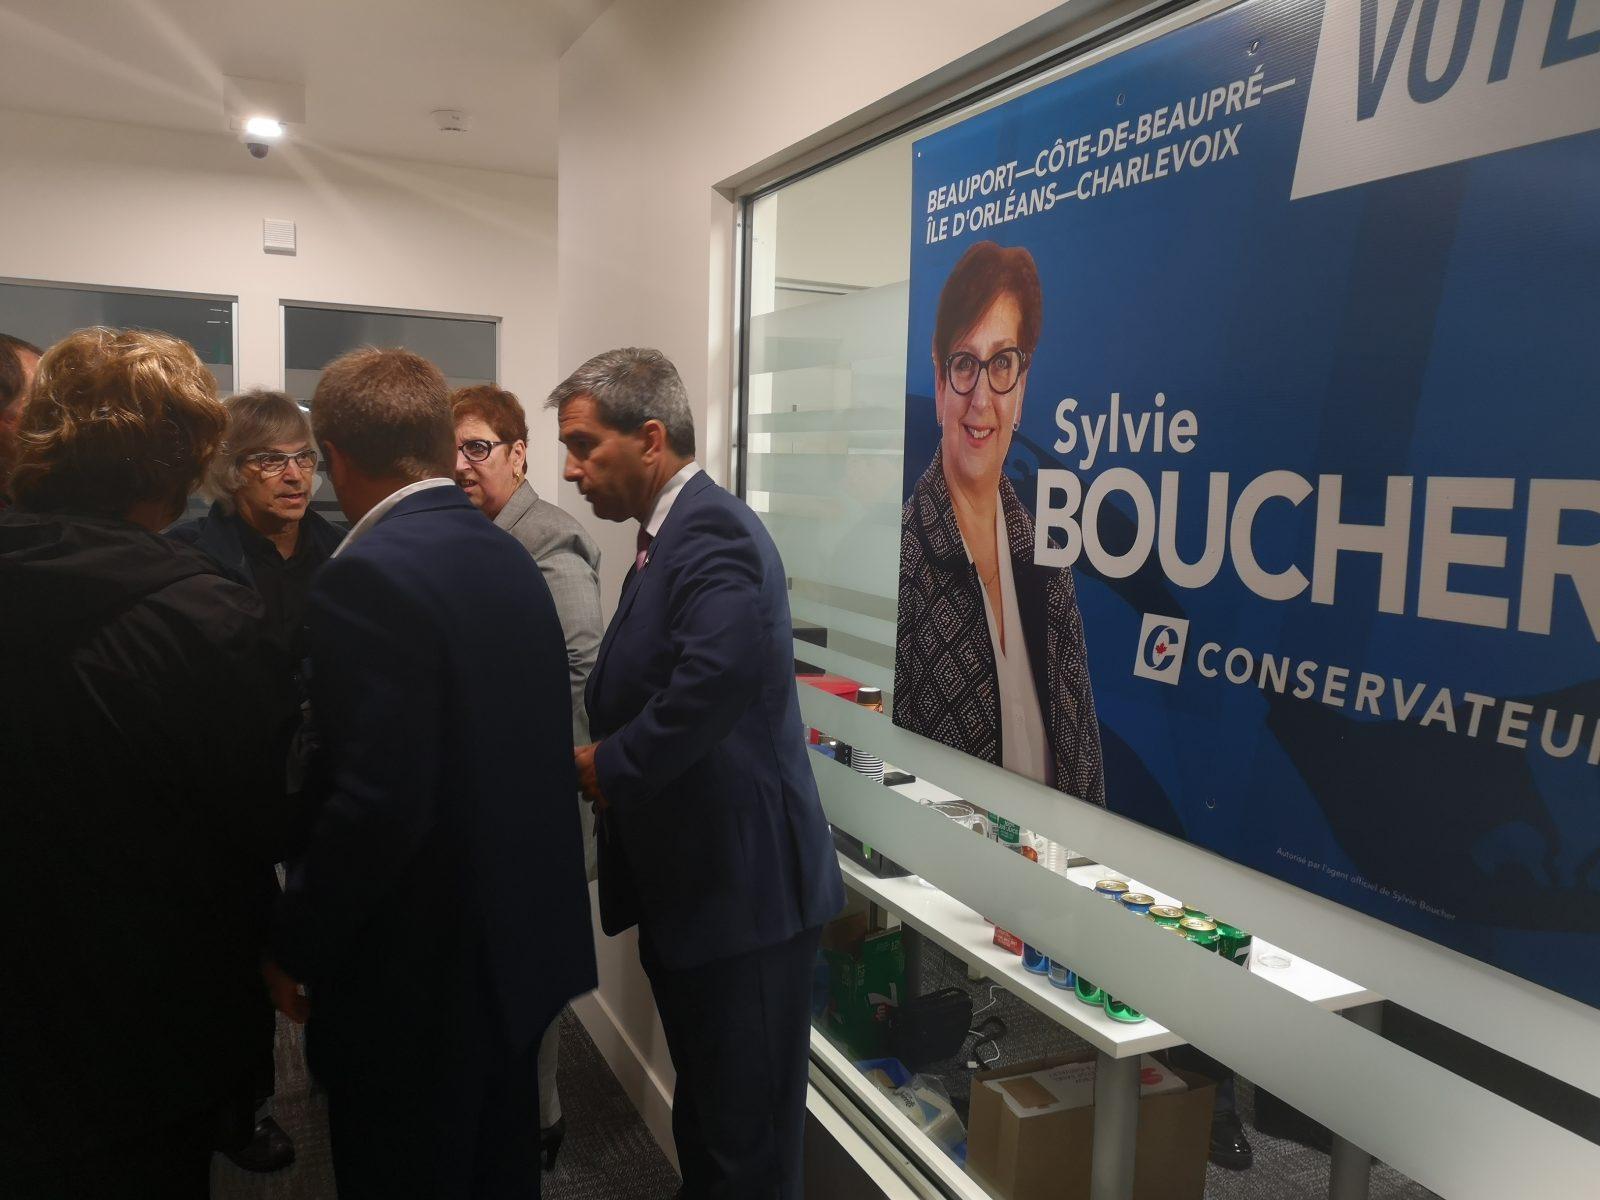 La campagne électorale de Sylvie Boucher est officiellement lancée